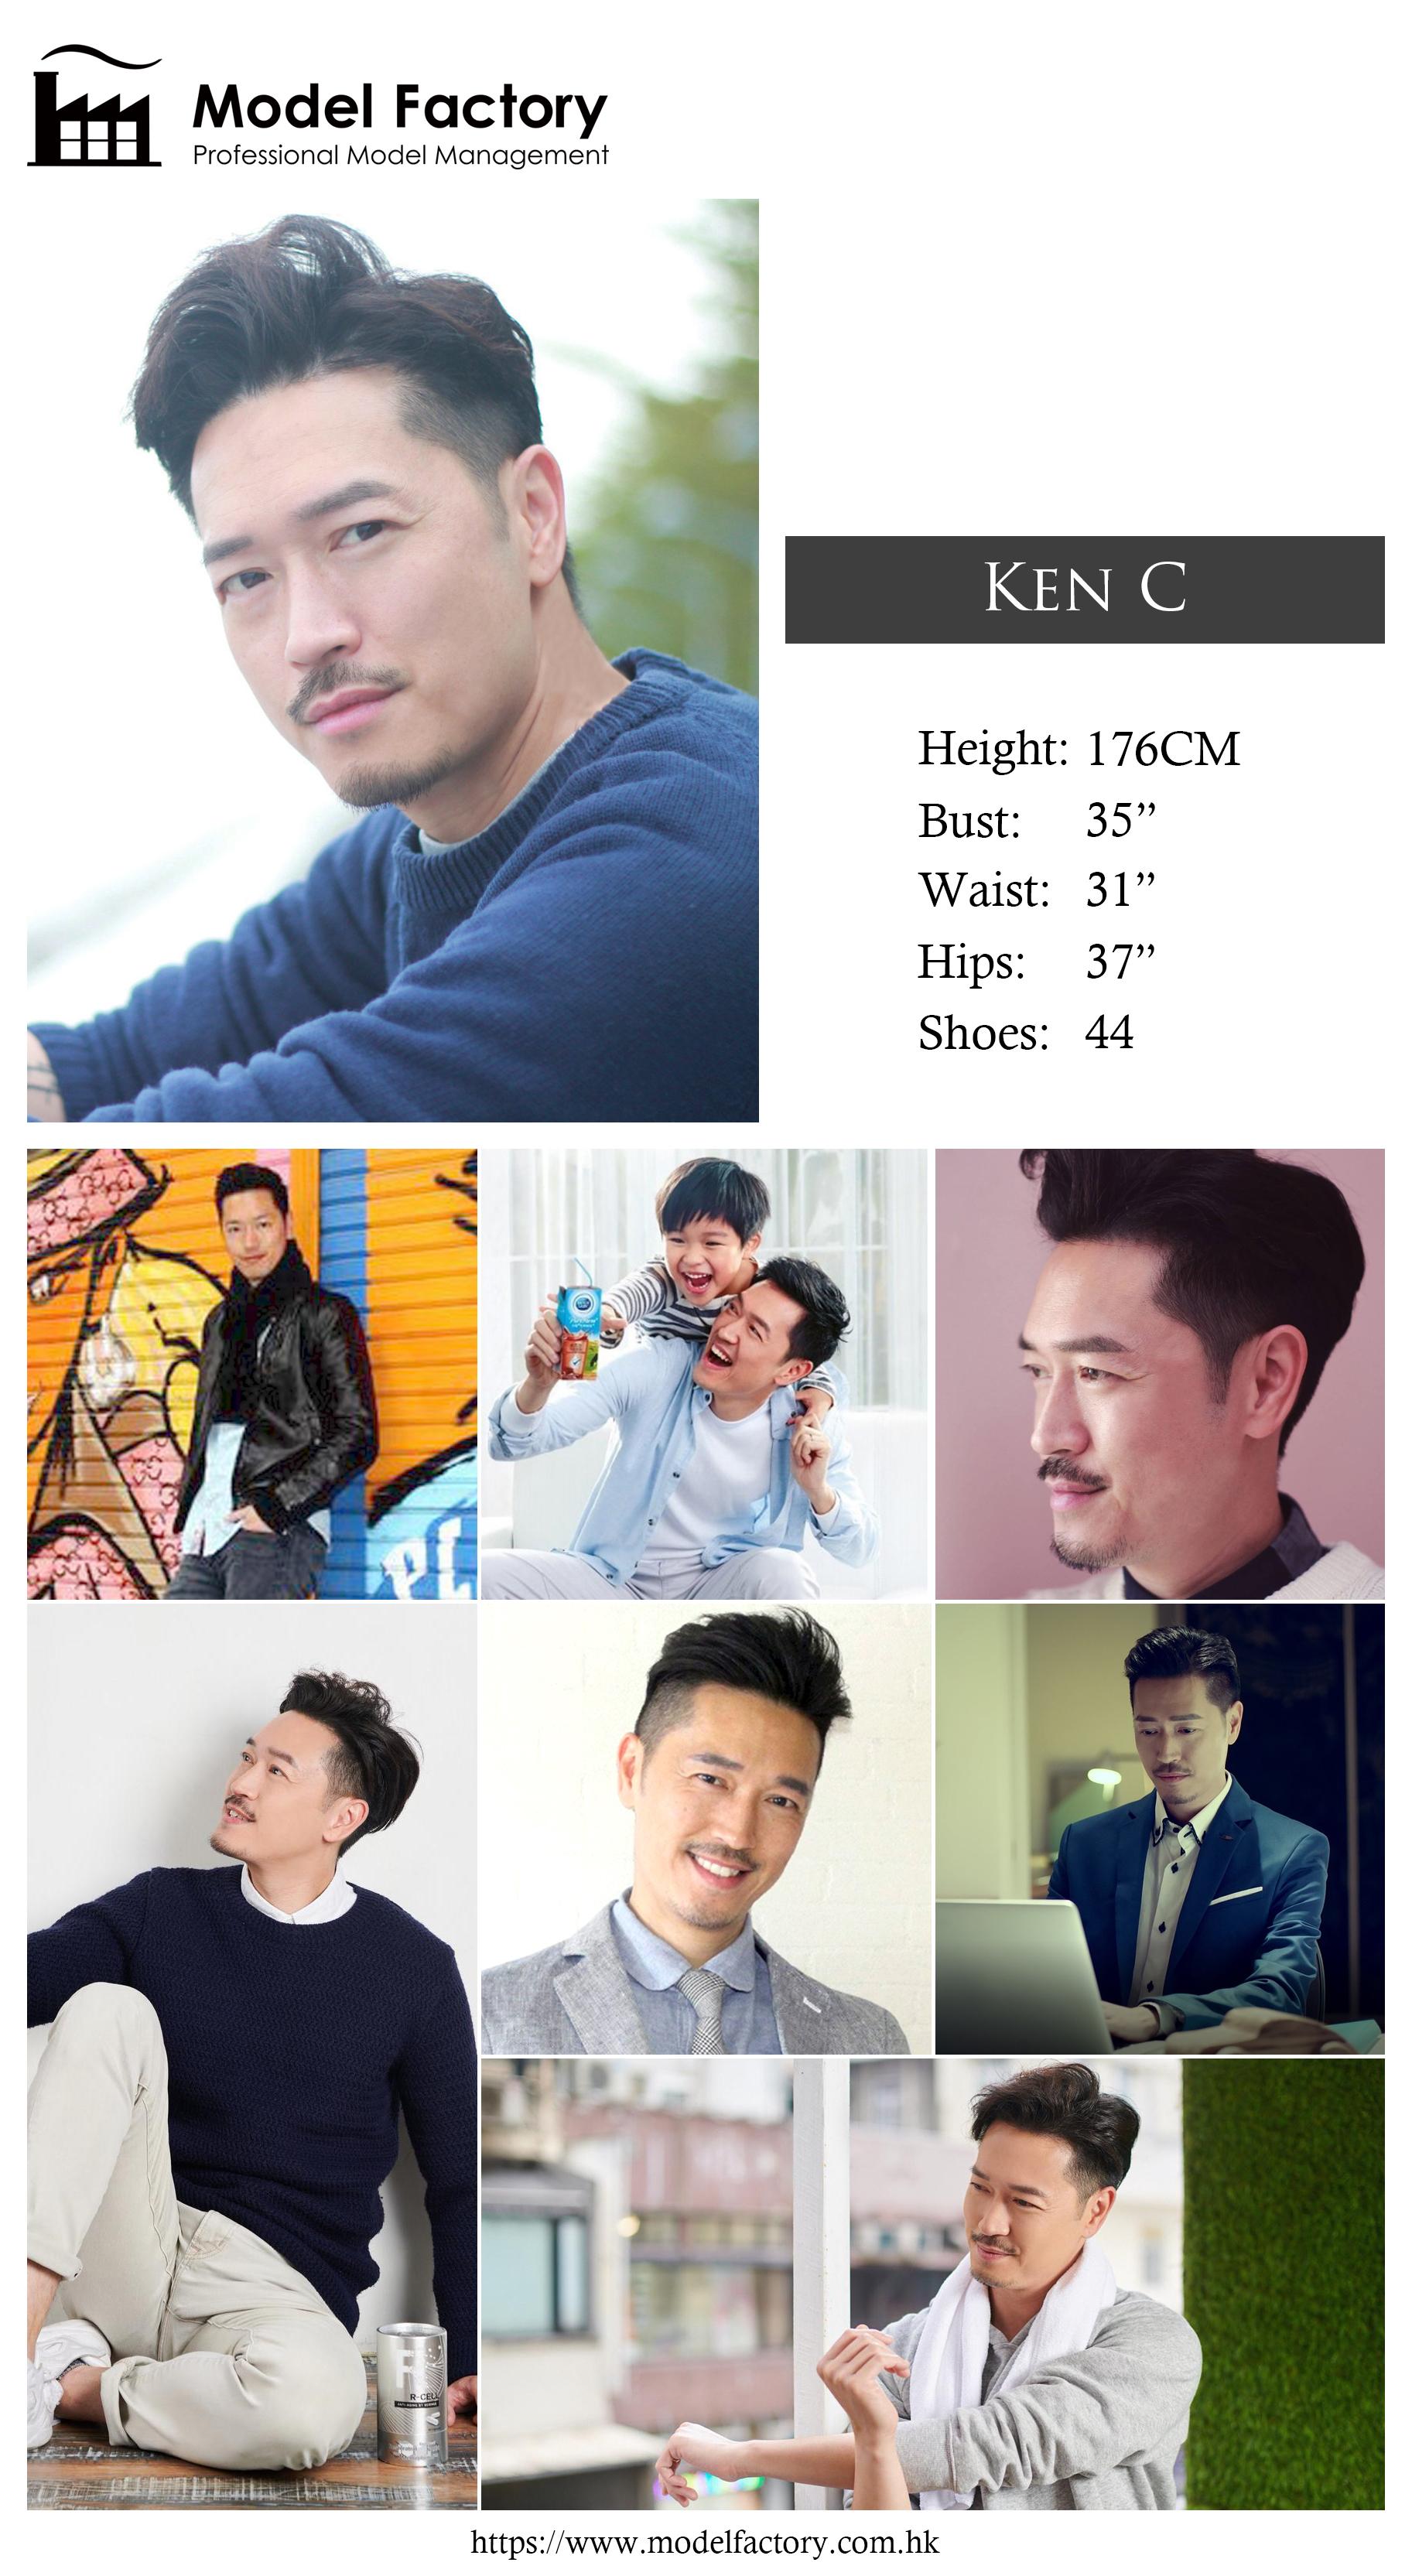 Model Factory Hong Kong Male Model KenC